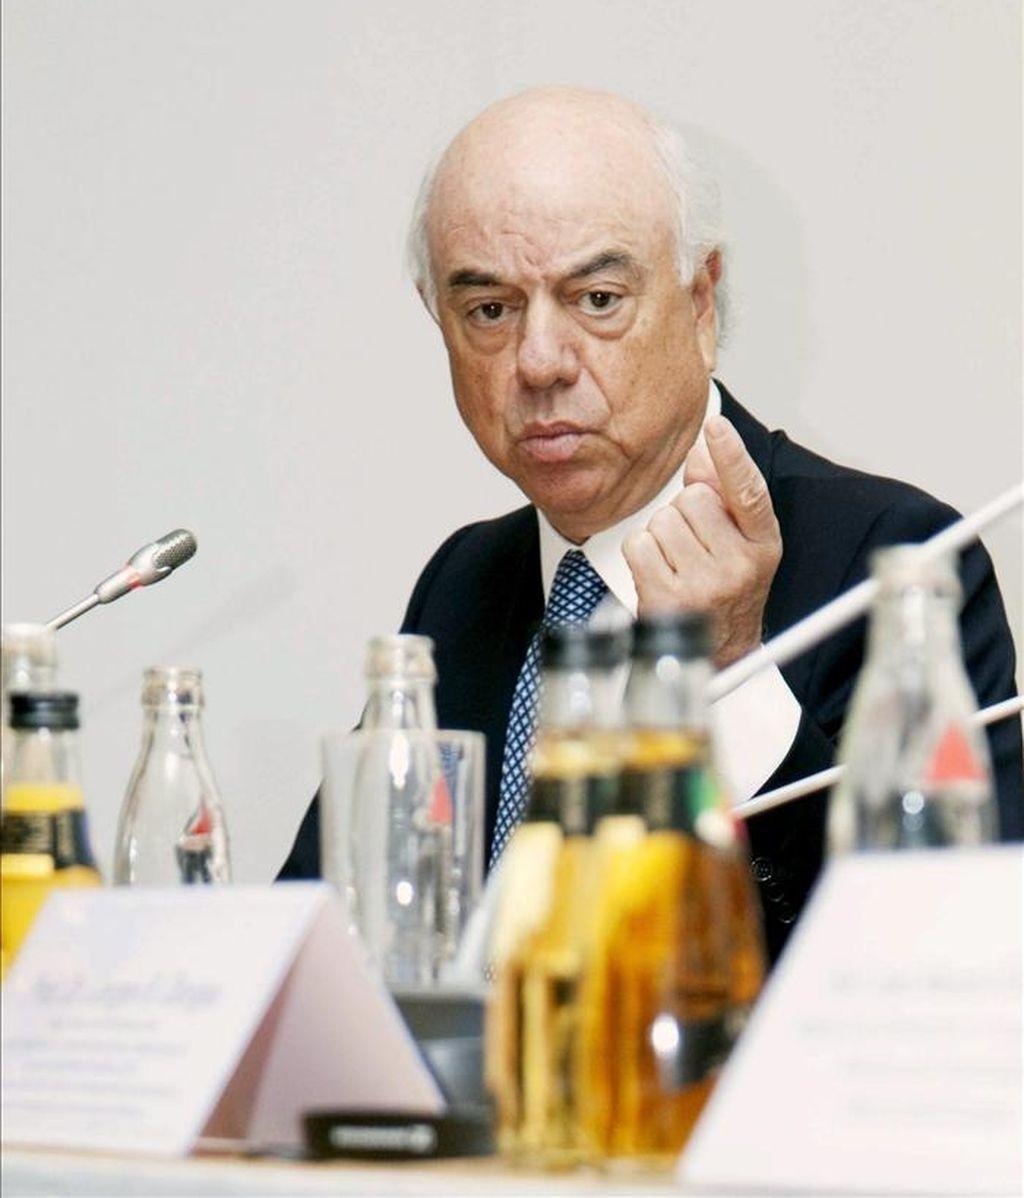 Francisco González, presidente del BBVA, durante su intervención en el foro Hispano-Alemán, centrado en la recuperación económica, que se celebra en Berlín. EFE